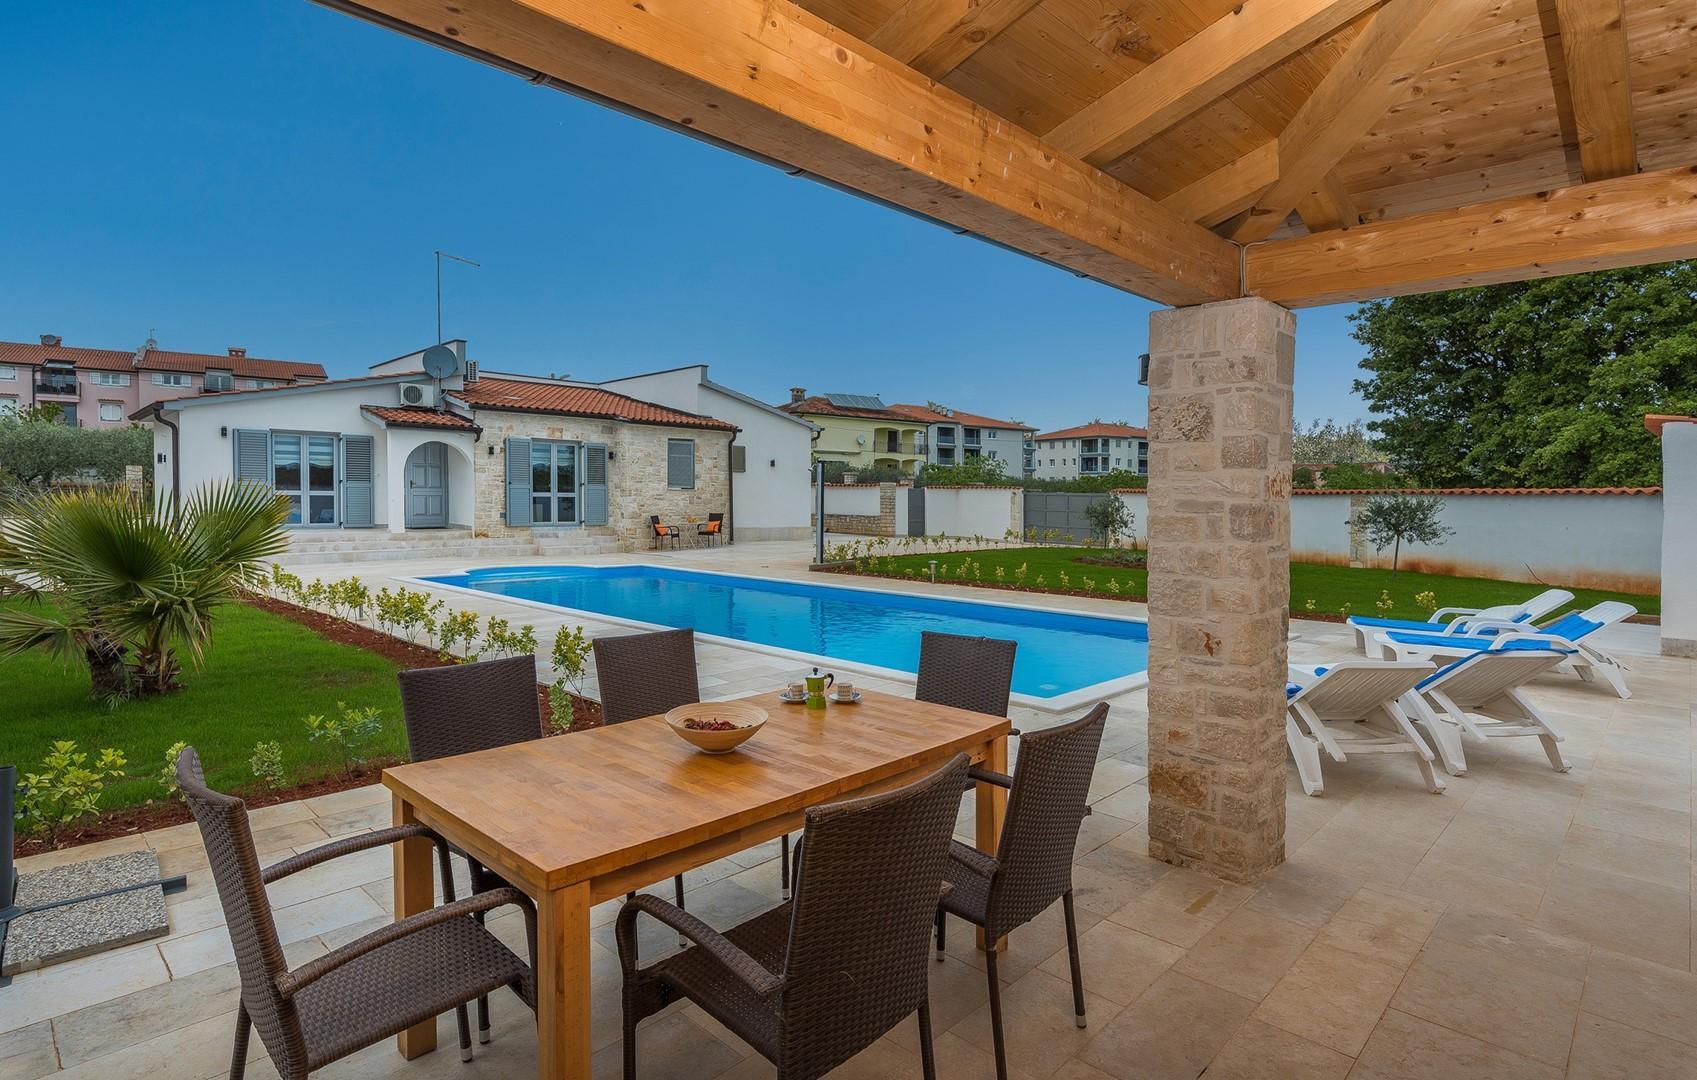 Ferienhaus Laura mit Pool (2616220), Poreč, , Istrien, Kroatien, Bild 1